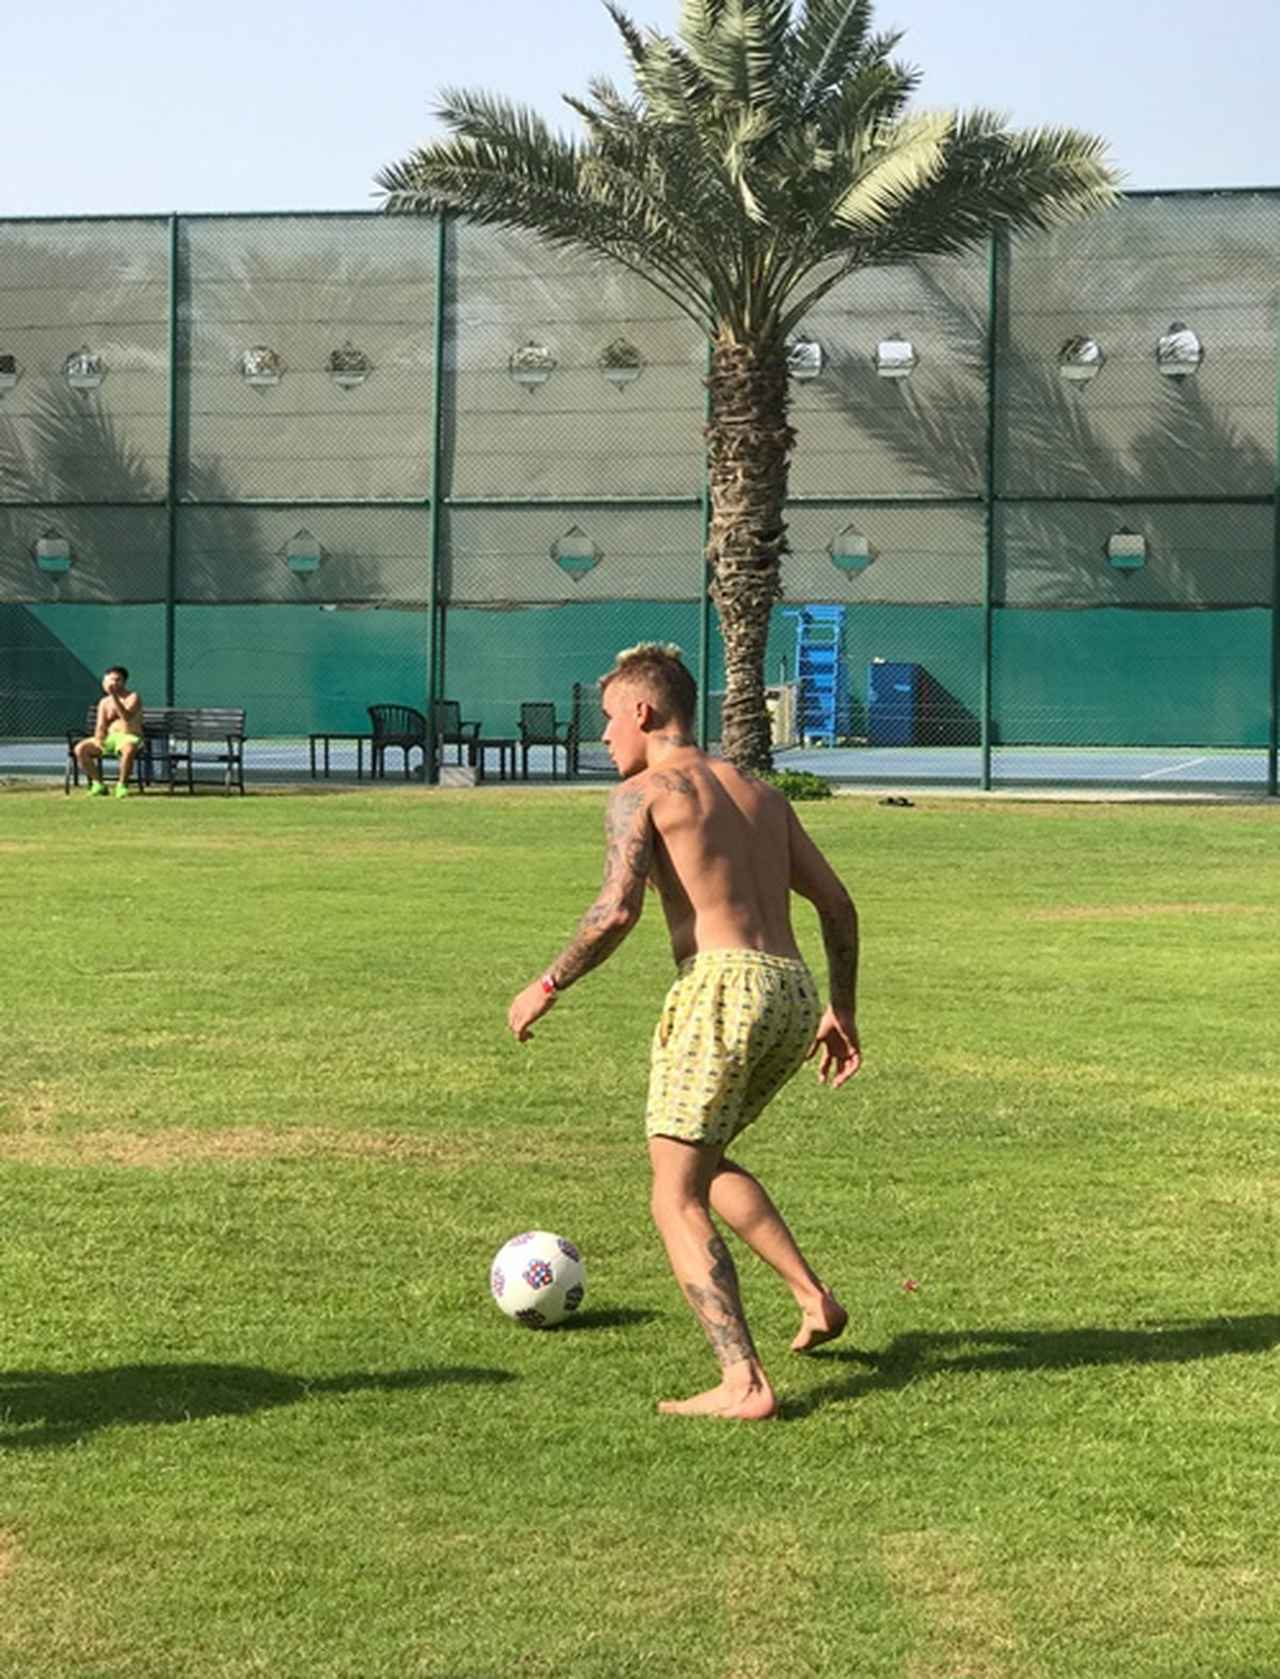 画像1: ツアーの合間のオフにサッカー